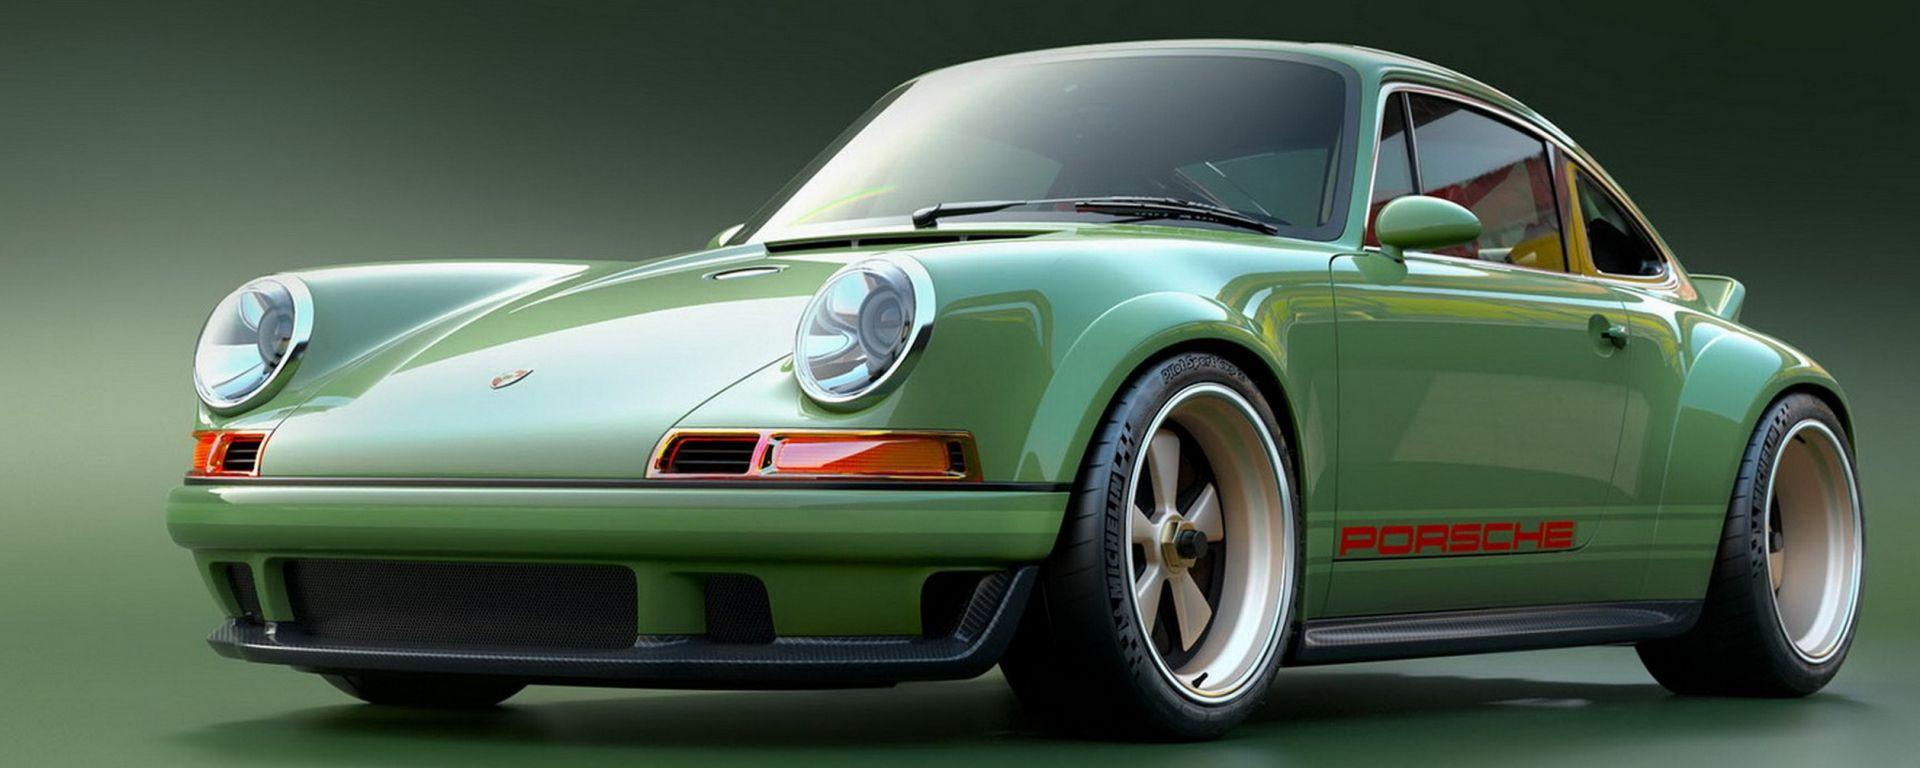 Singer e Williams assieme estremizzano la Porsche 911 964